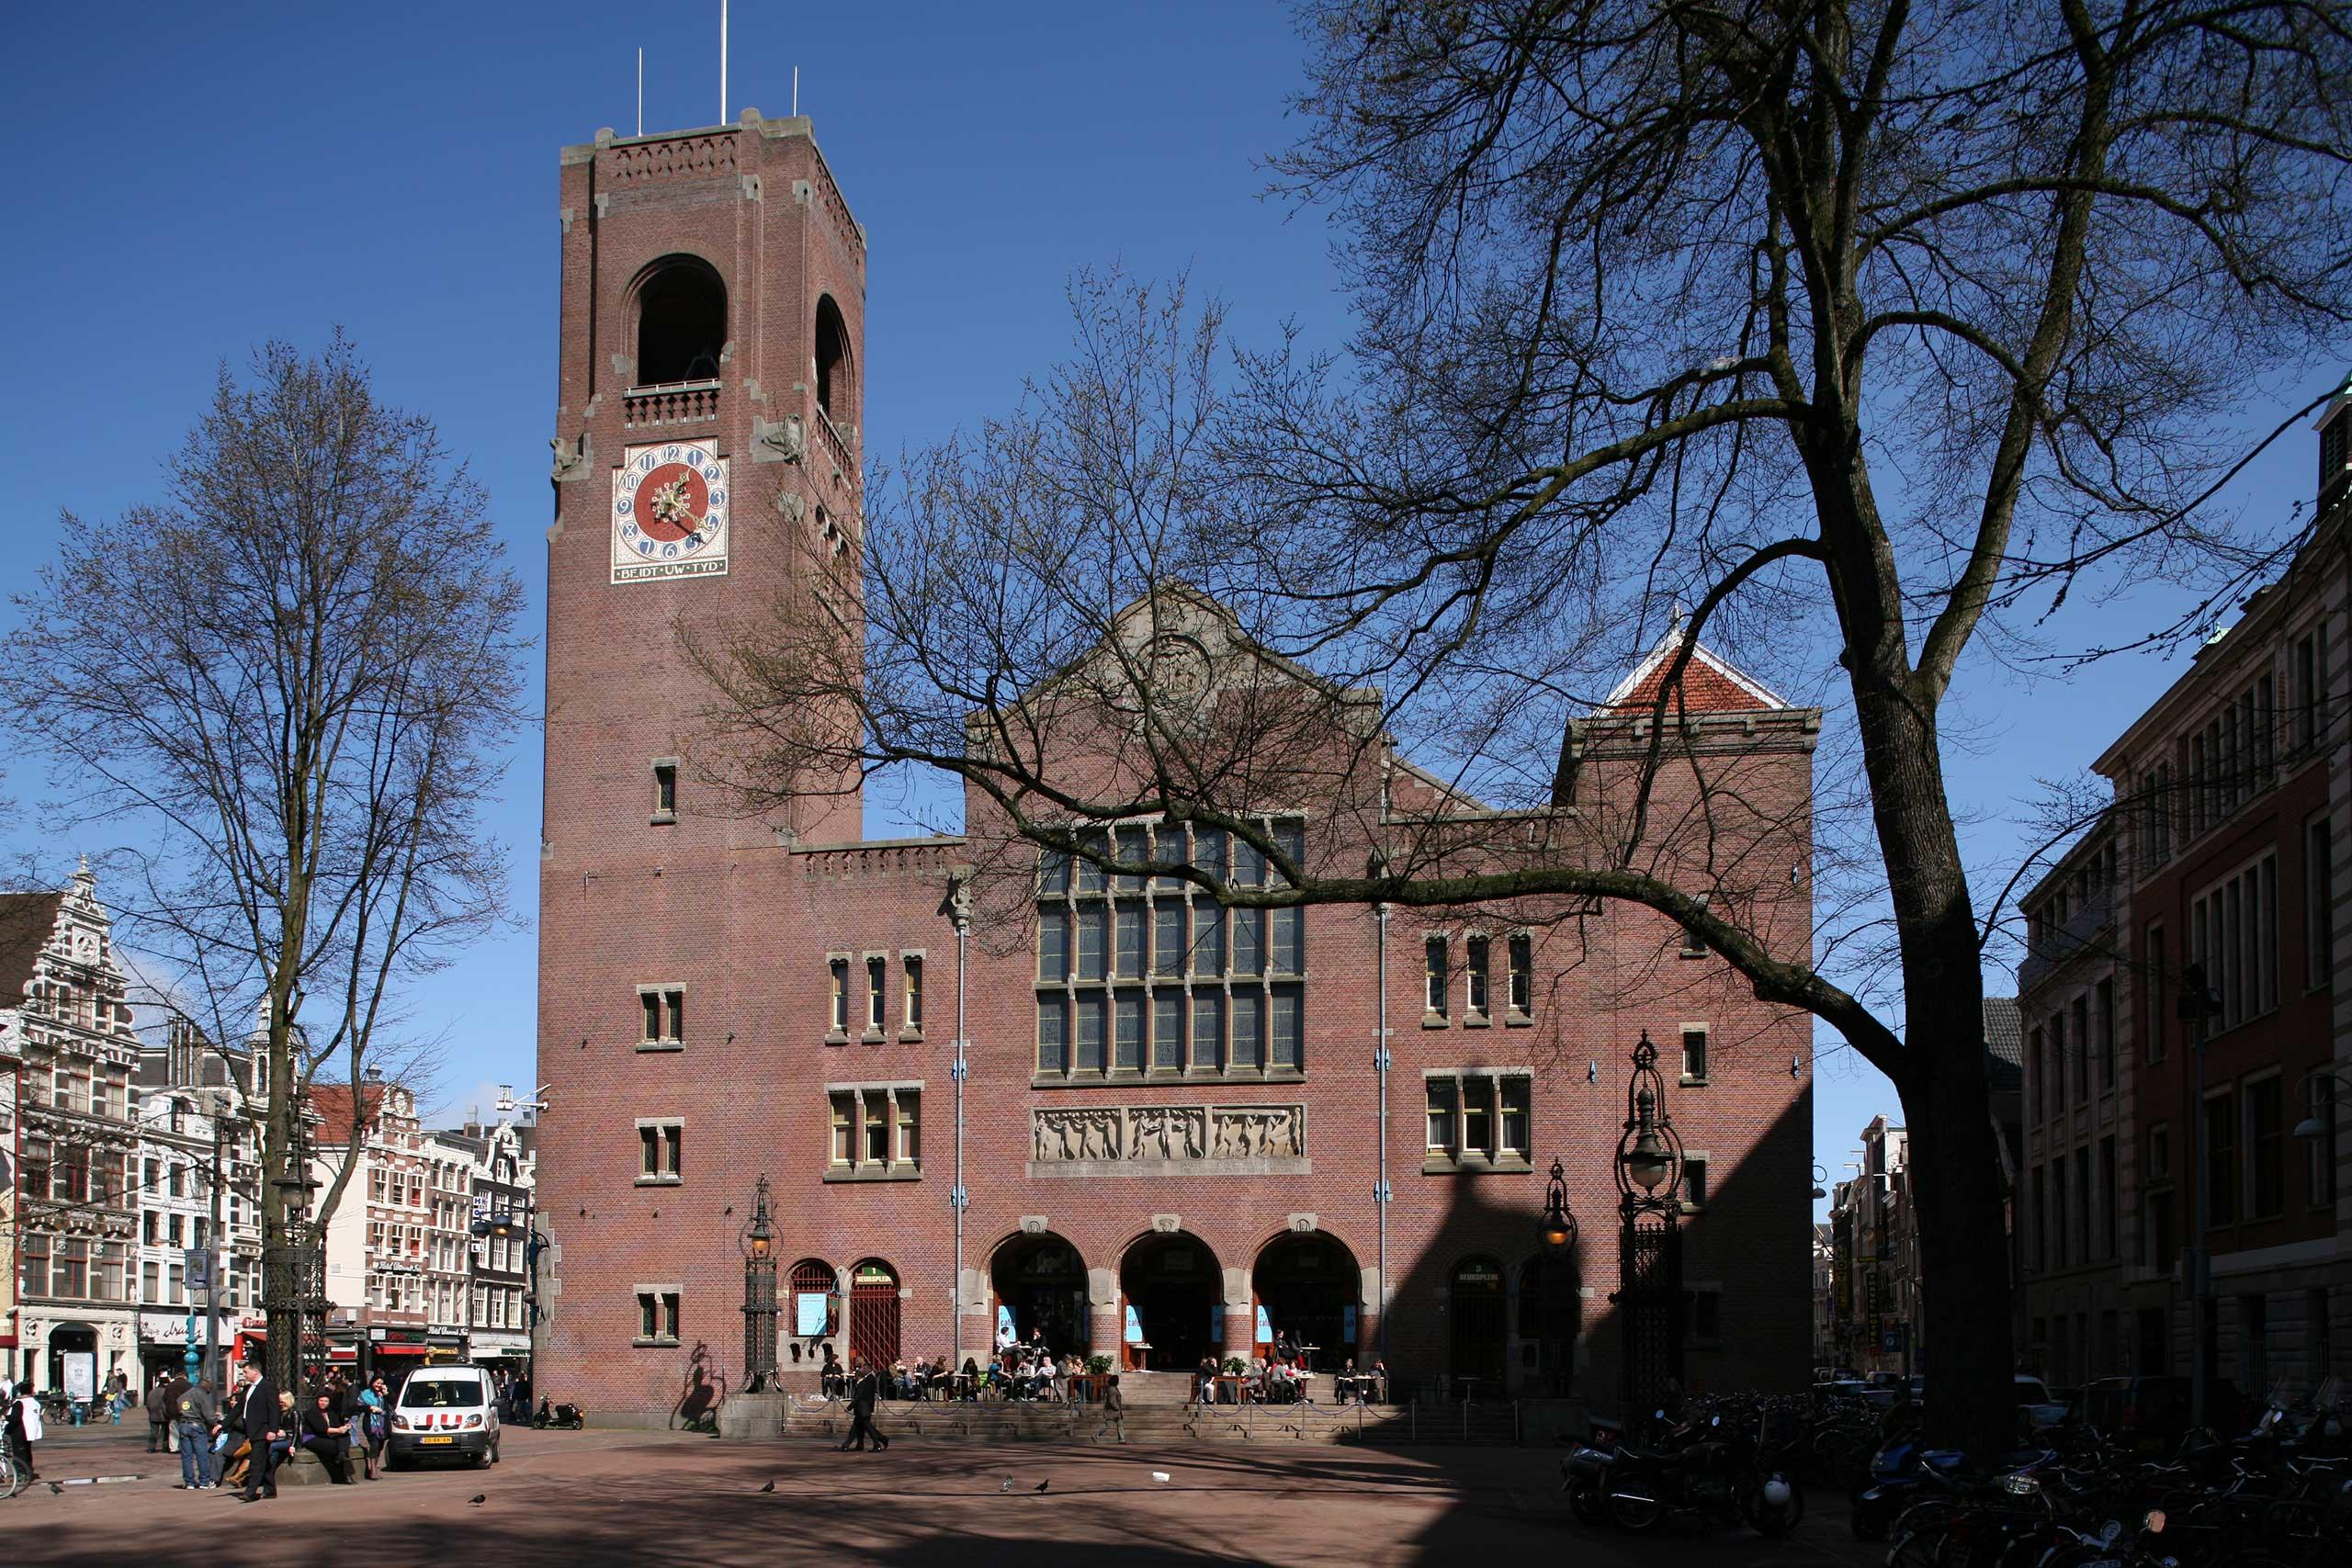 Beurs van Berlage in Amsterdam